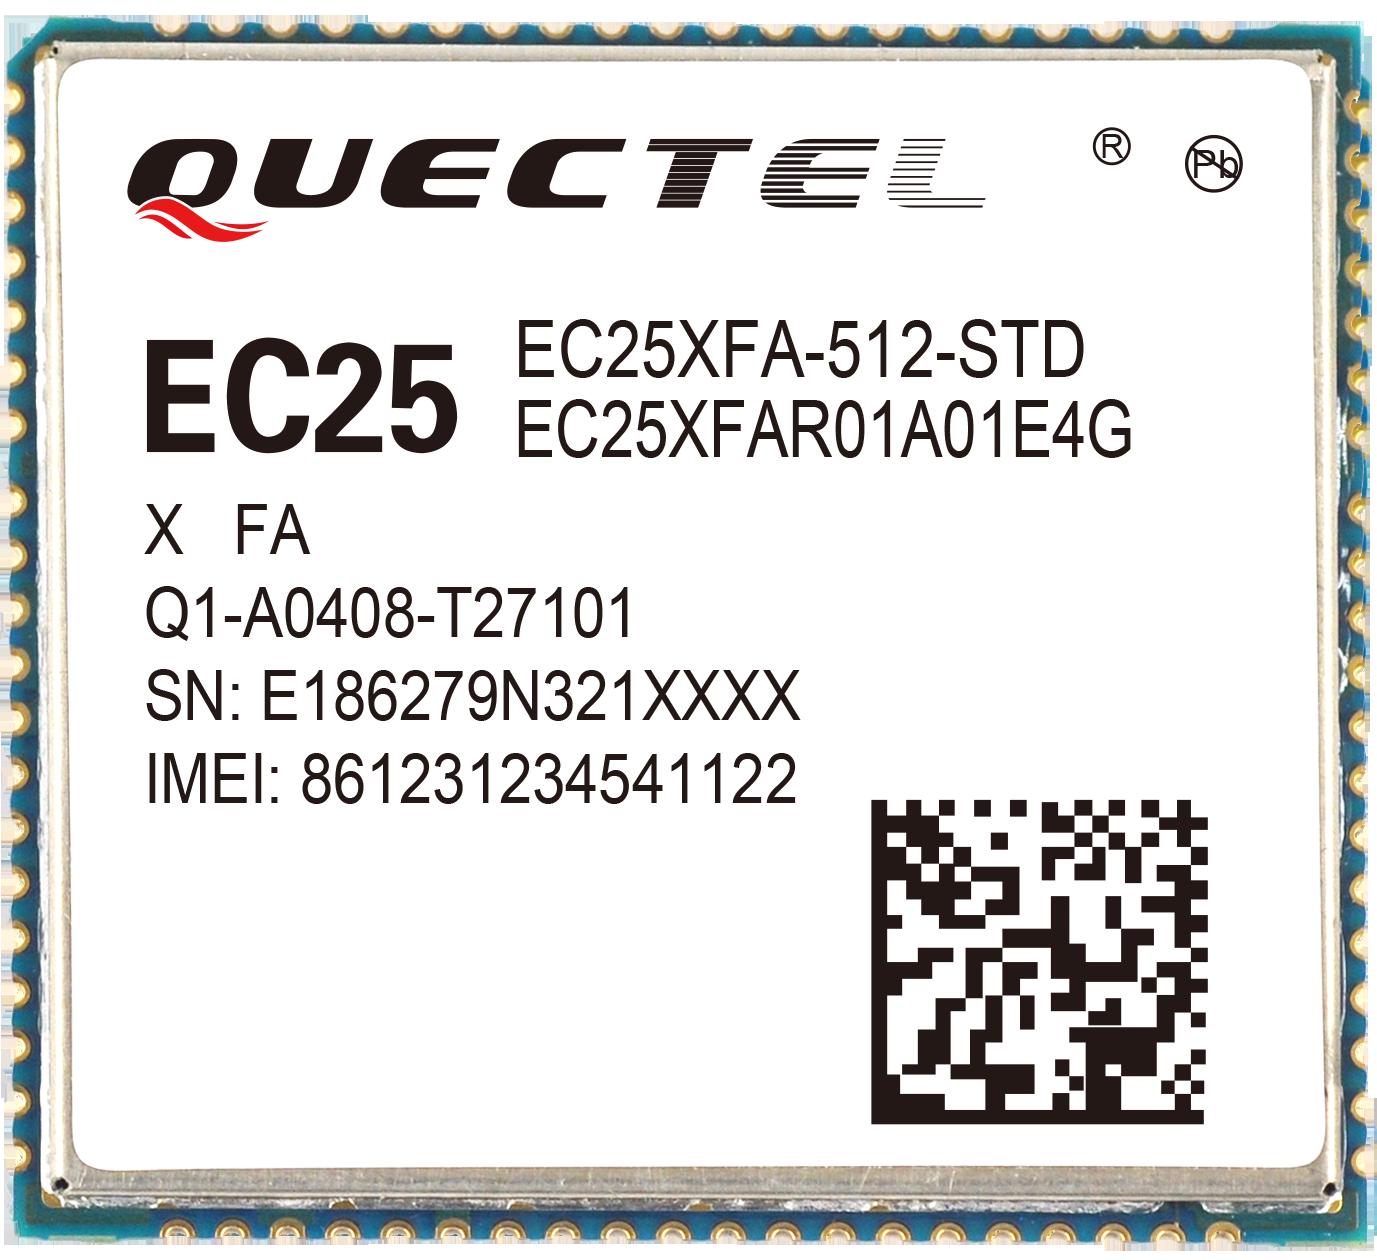 Quectel Wirless Modules, 3G Modules - Jet One